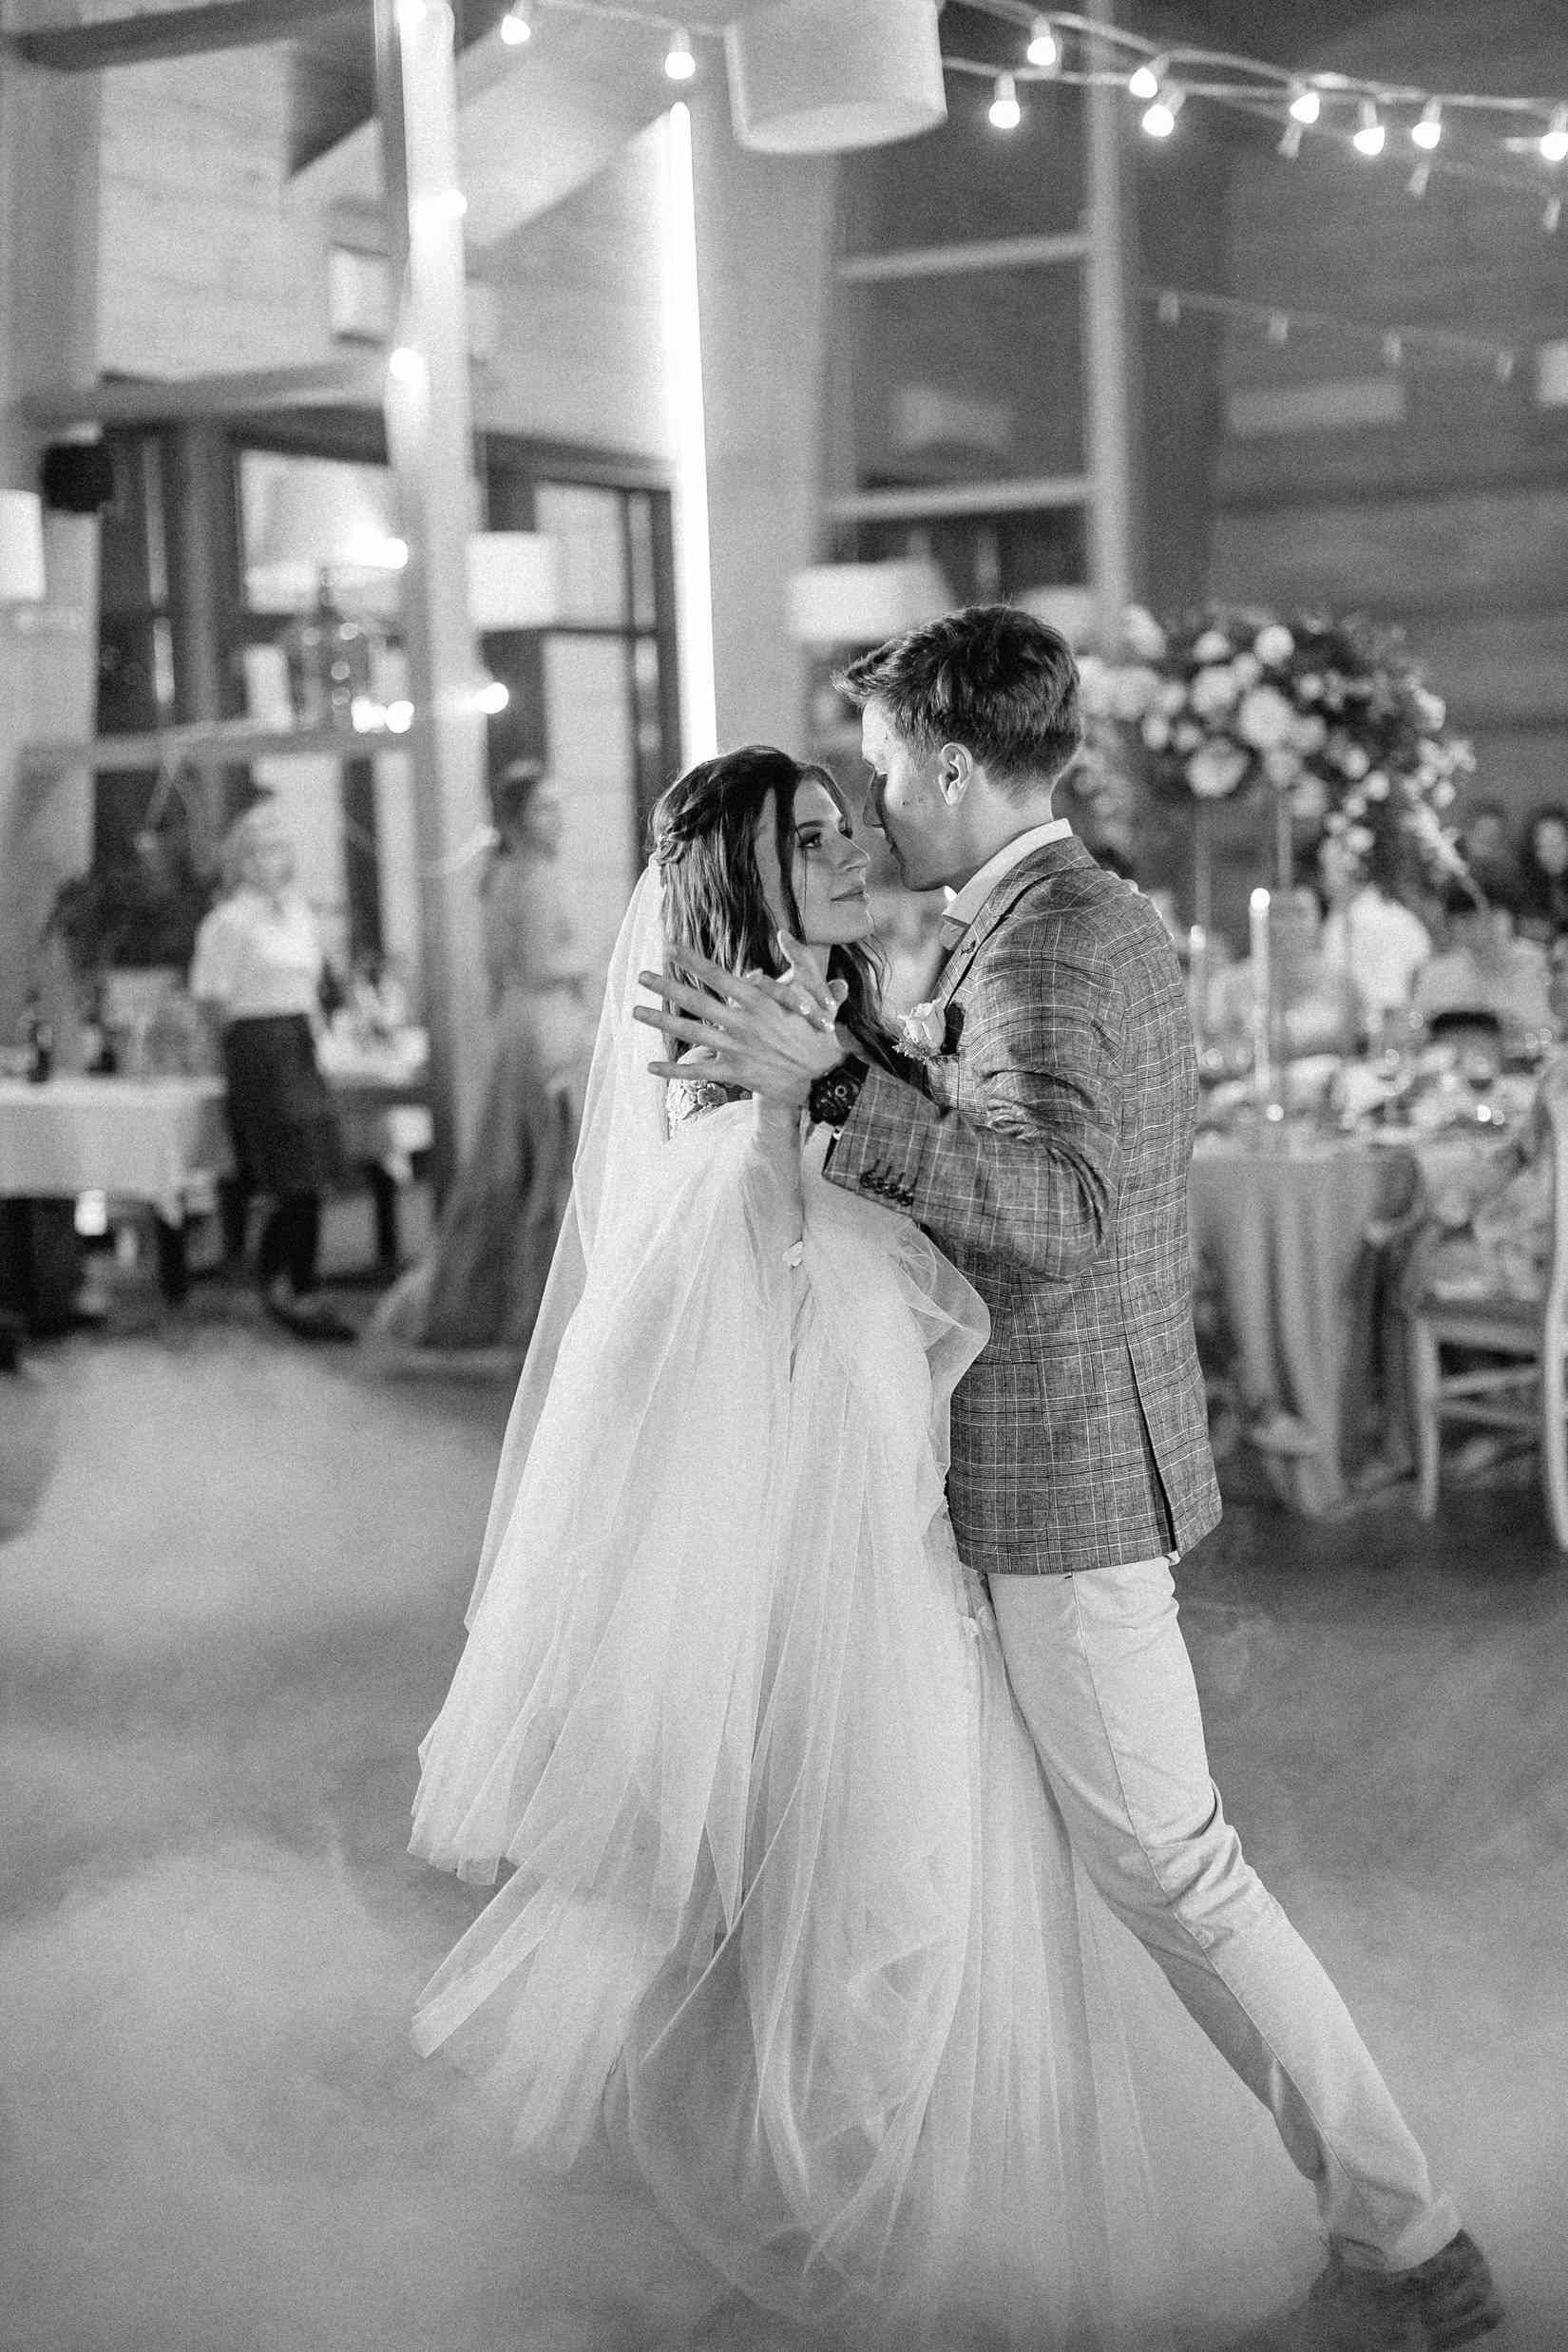 свадебный танец: постановочный или